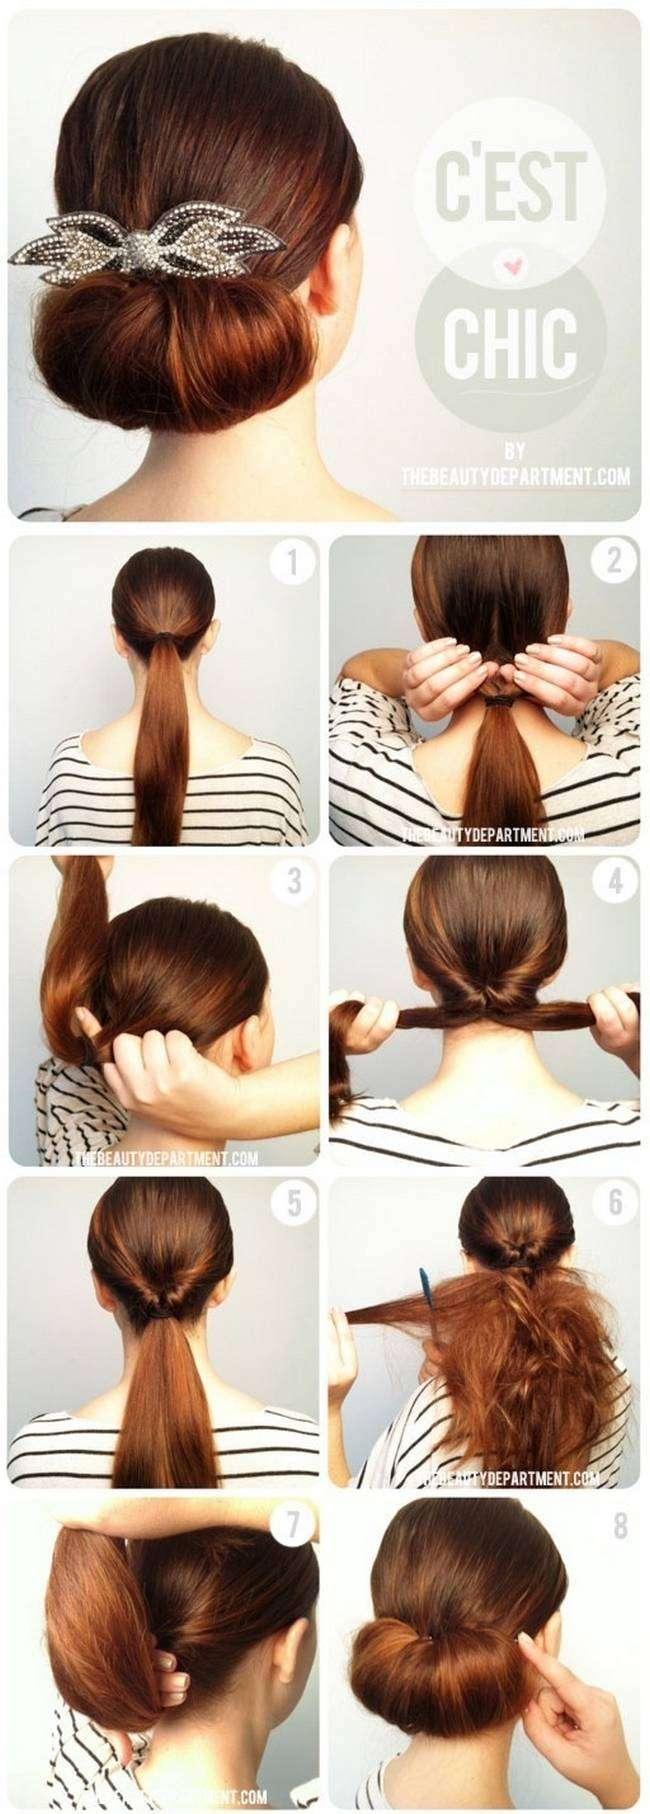 Причёски пучок для средних волос на каждый день в домашних условиях